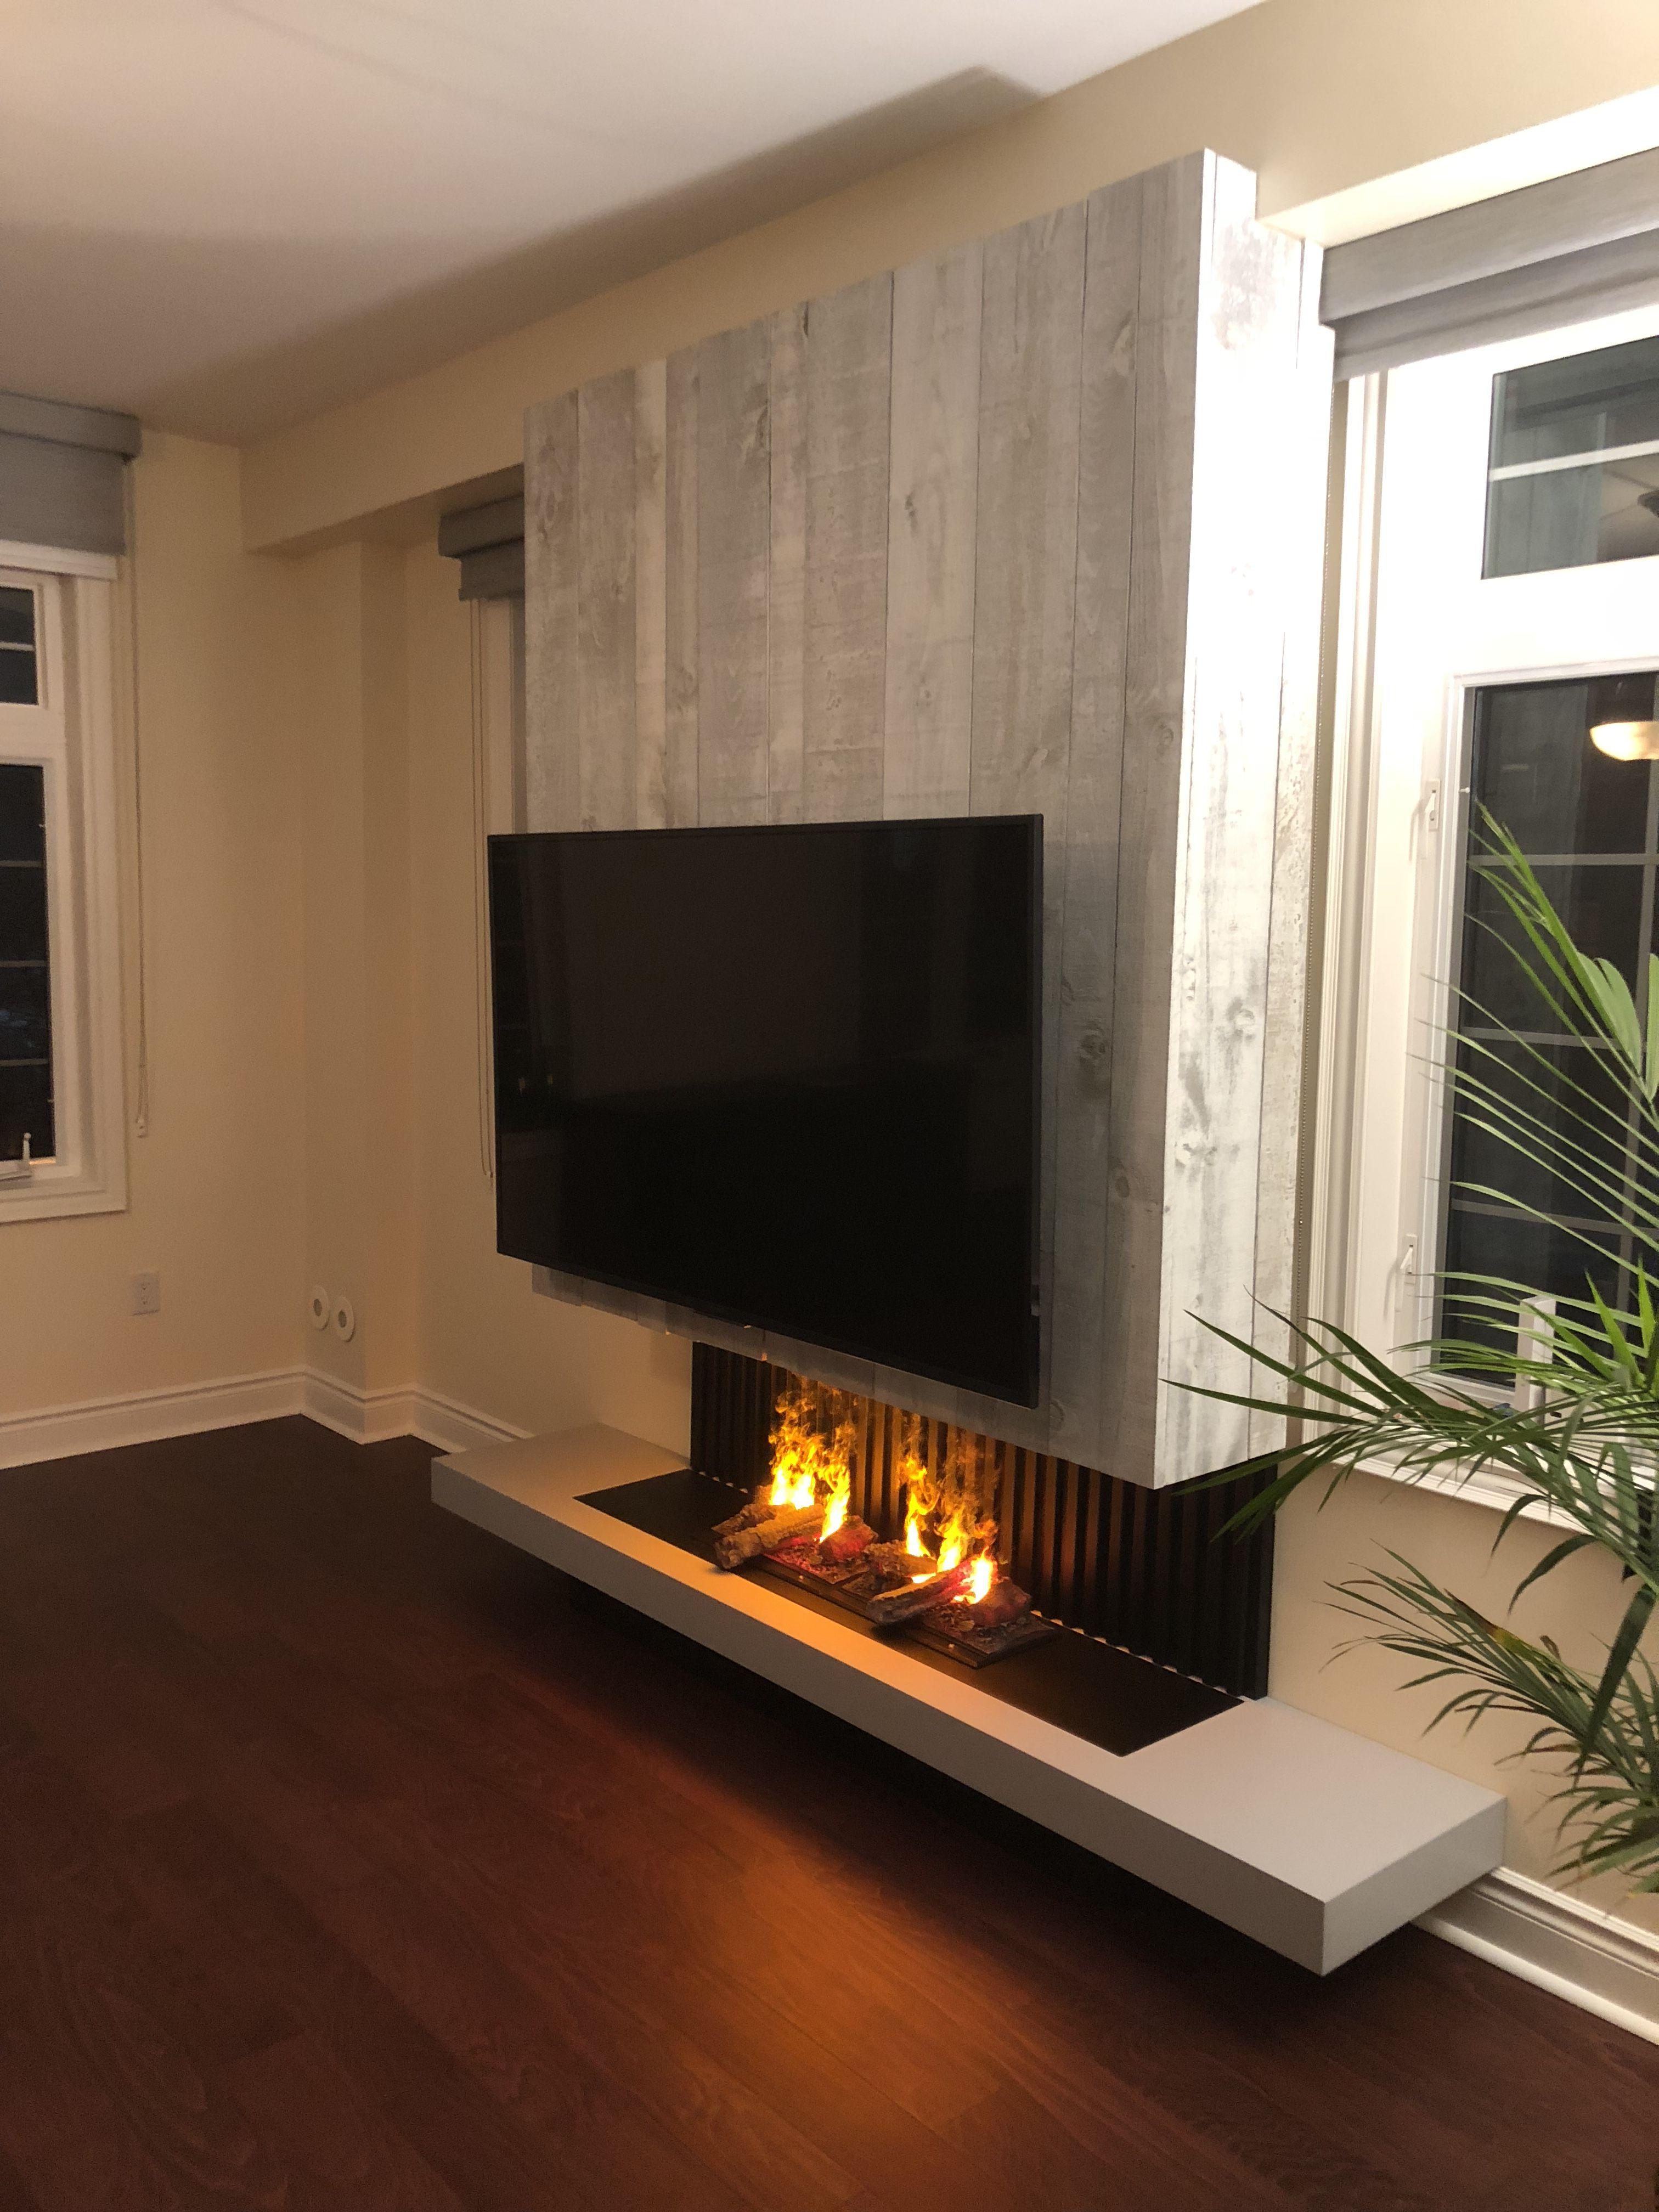 Pin by michel hebert on fireplace in pinterest modern